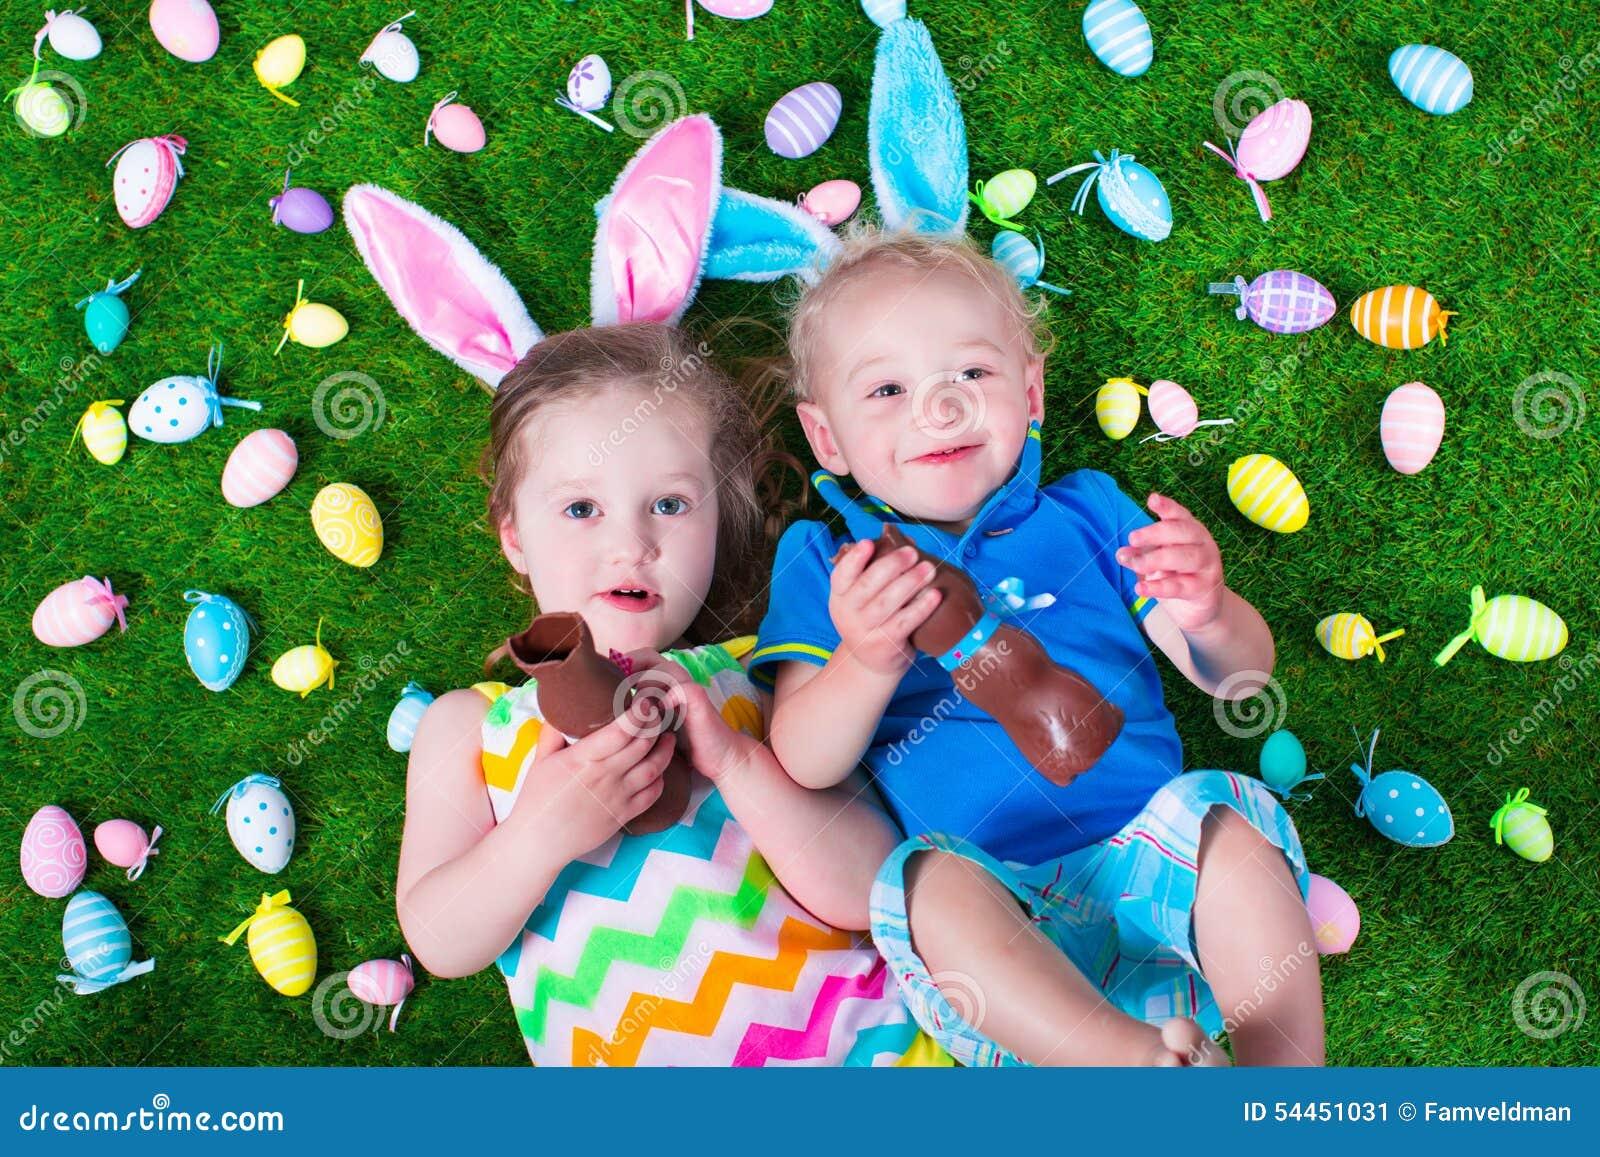 Kids Eating Chocolate Rabbit On Easter Egg Hunt Stock